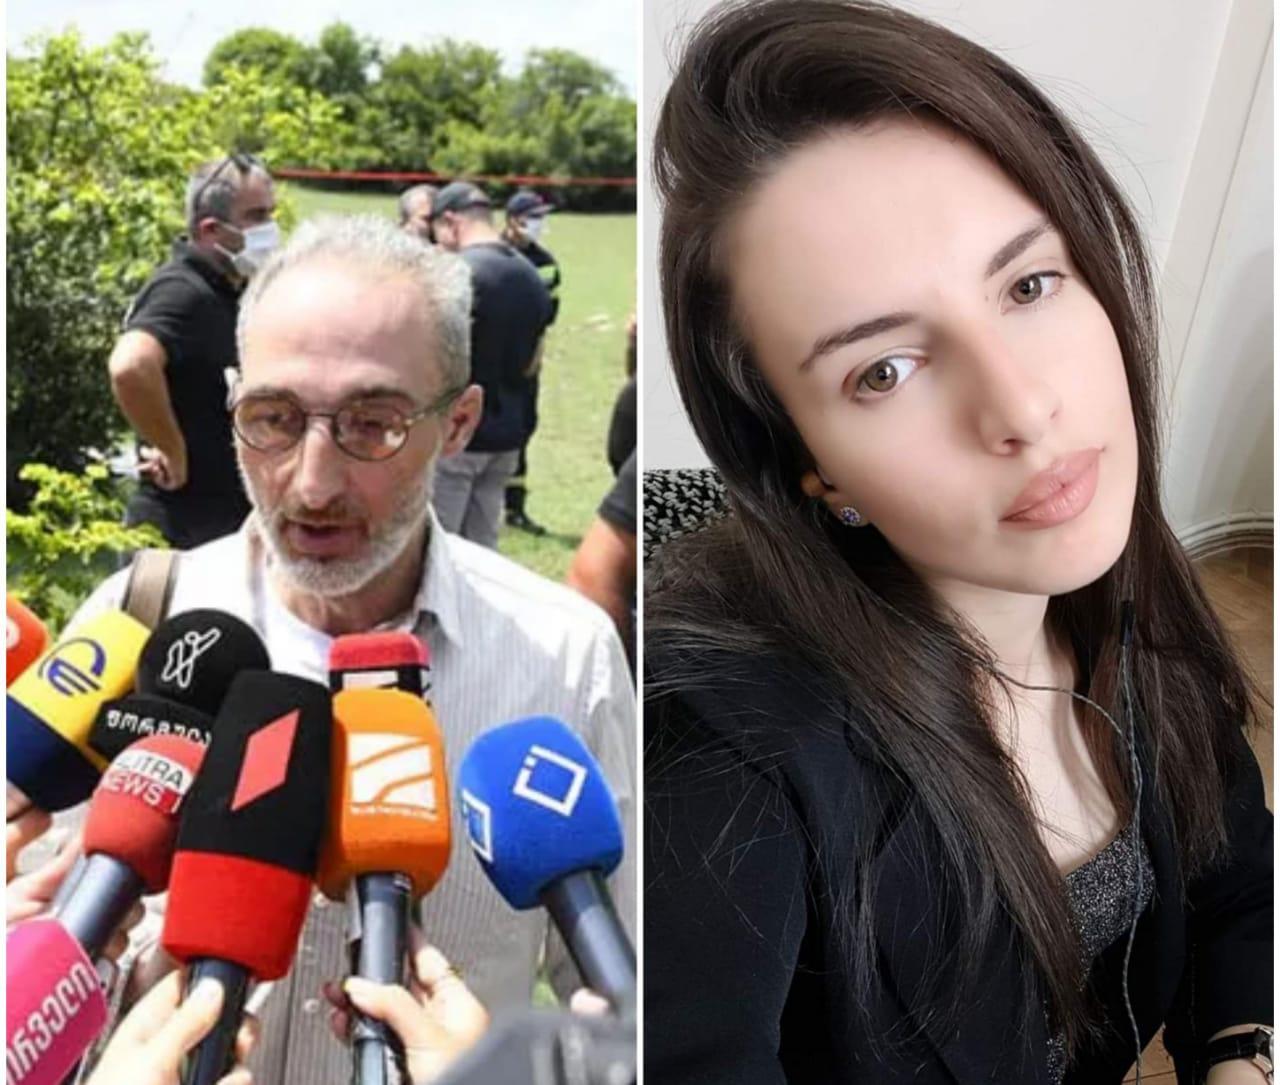 Slider-Avtomobildə ölü tapılan qızın vəkili hadisə ilə bağlı açıqlama verdi